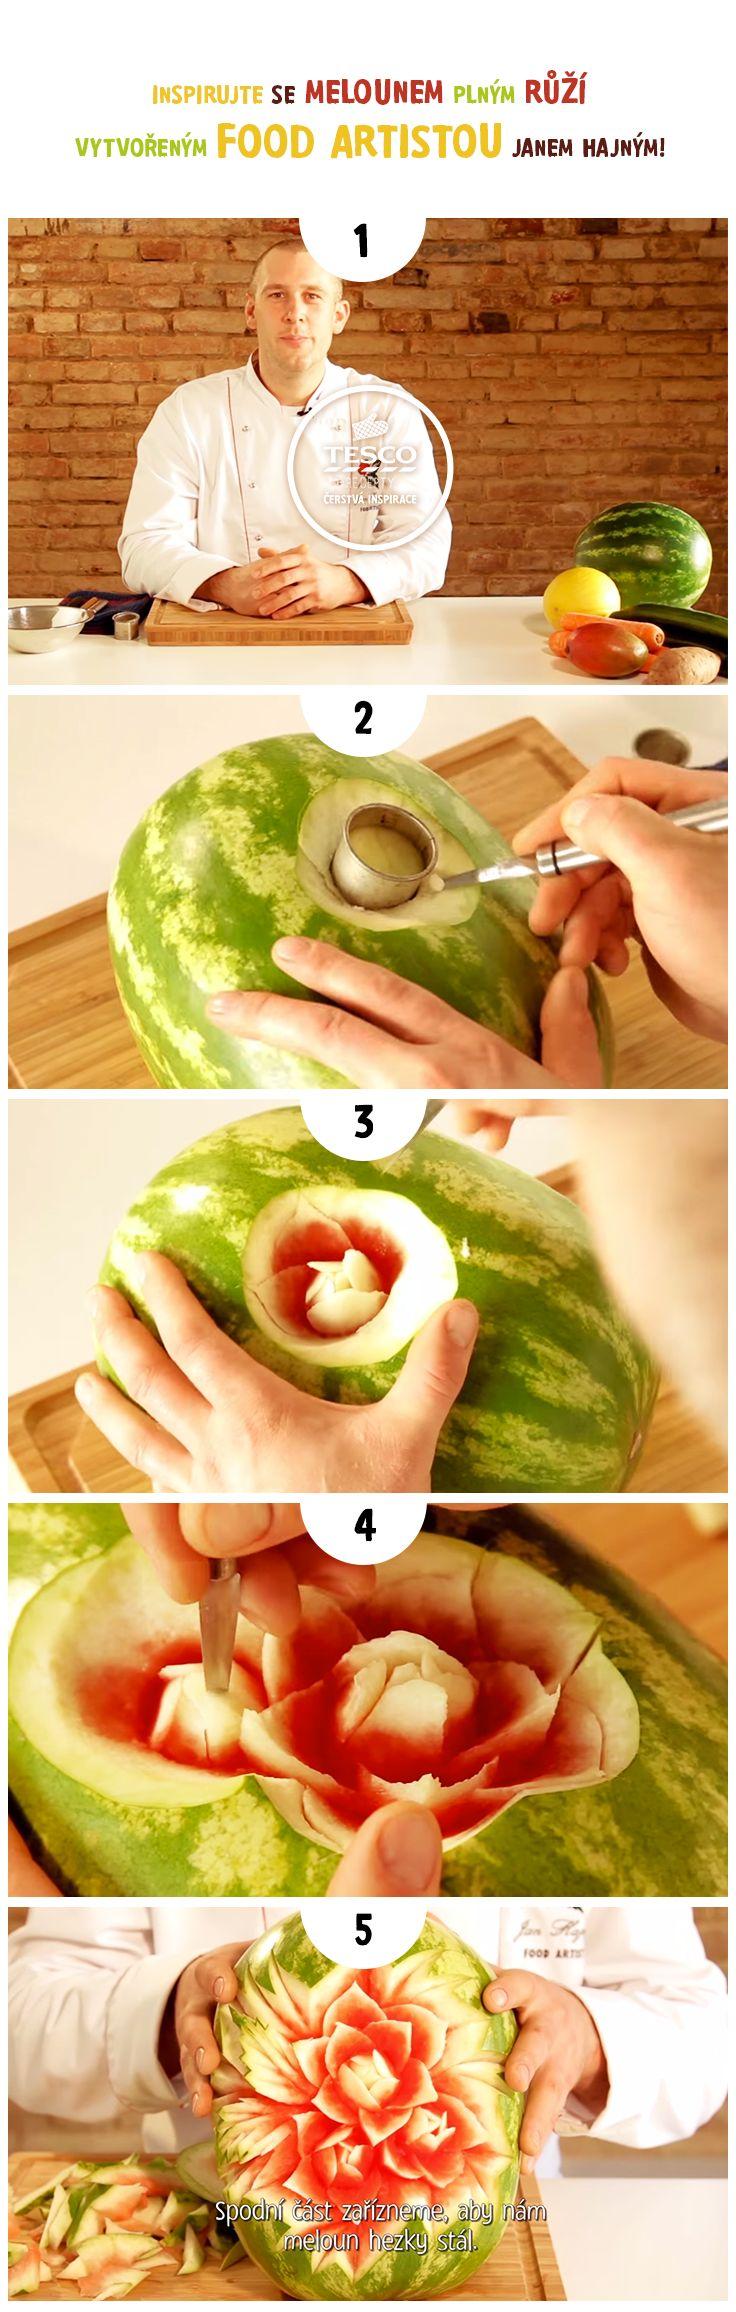 Vytvořte meloun plný růží podle našeho videa!